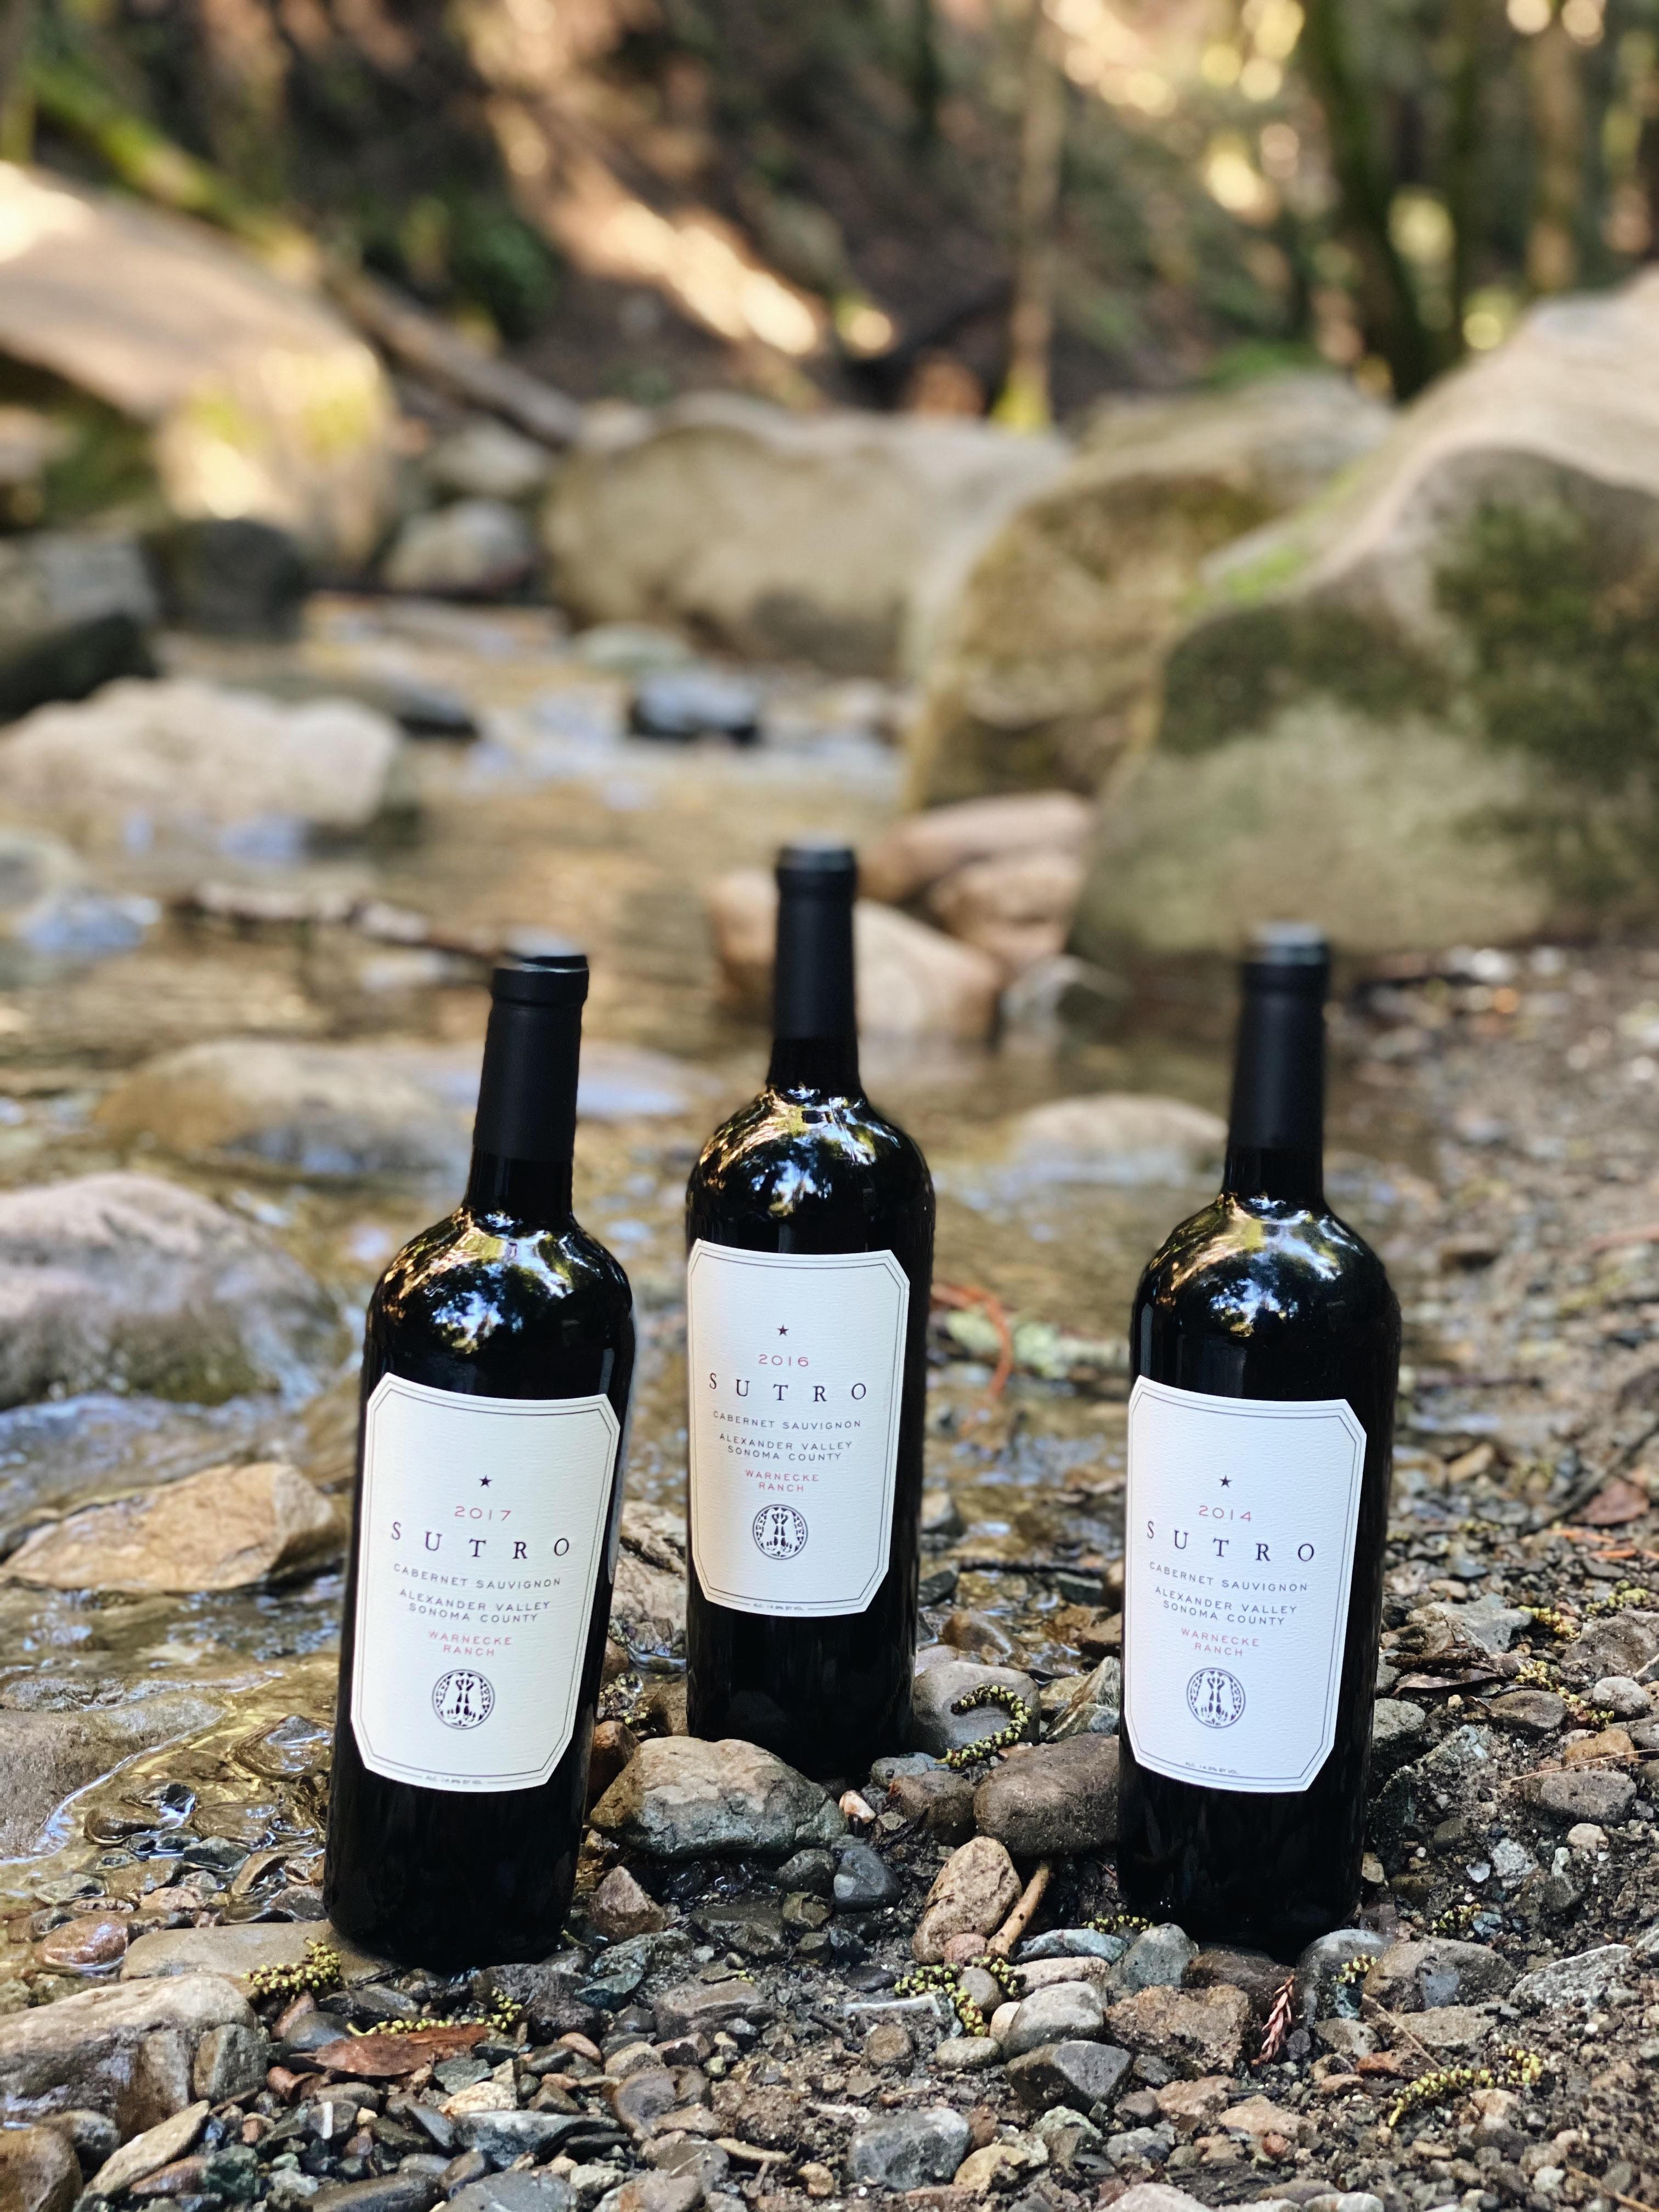 Sutro Wine Cabernet Sauvignon